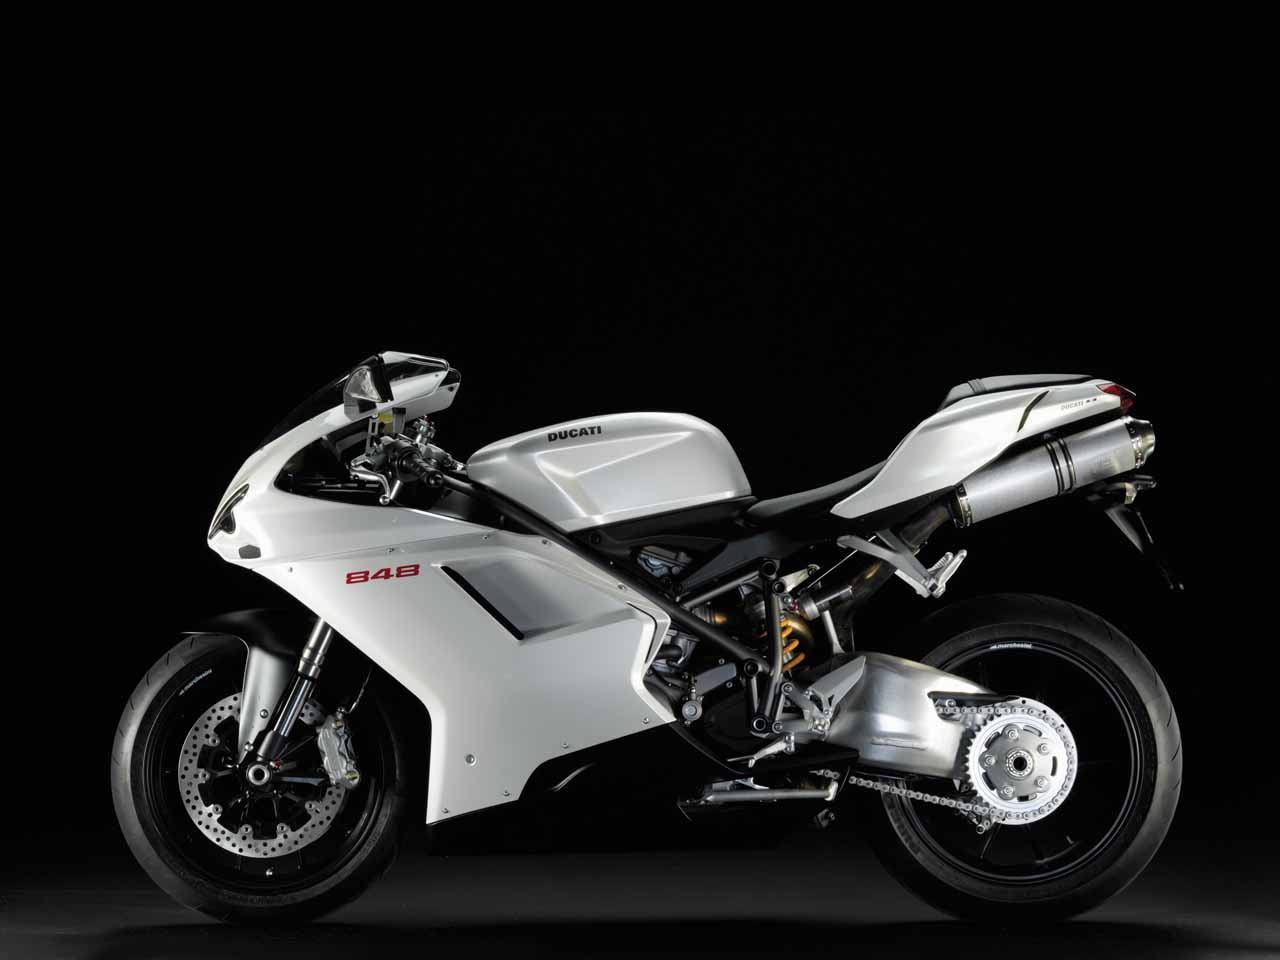 Мотобайк, фотобои, крупно, мотоцикл